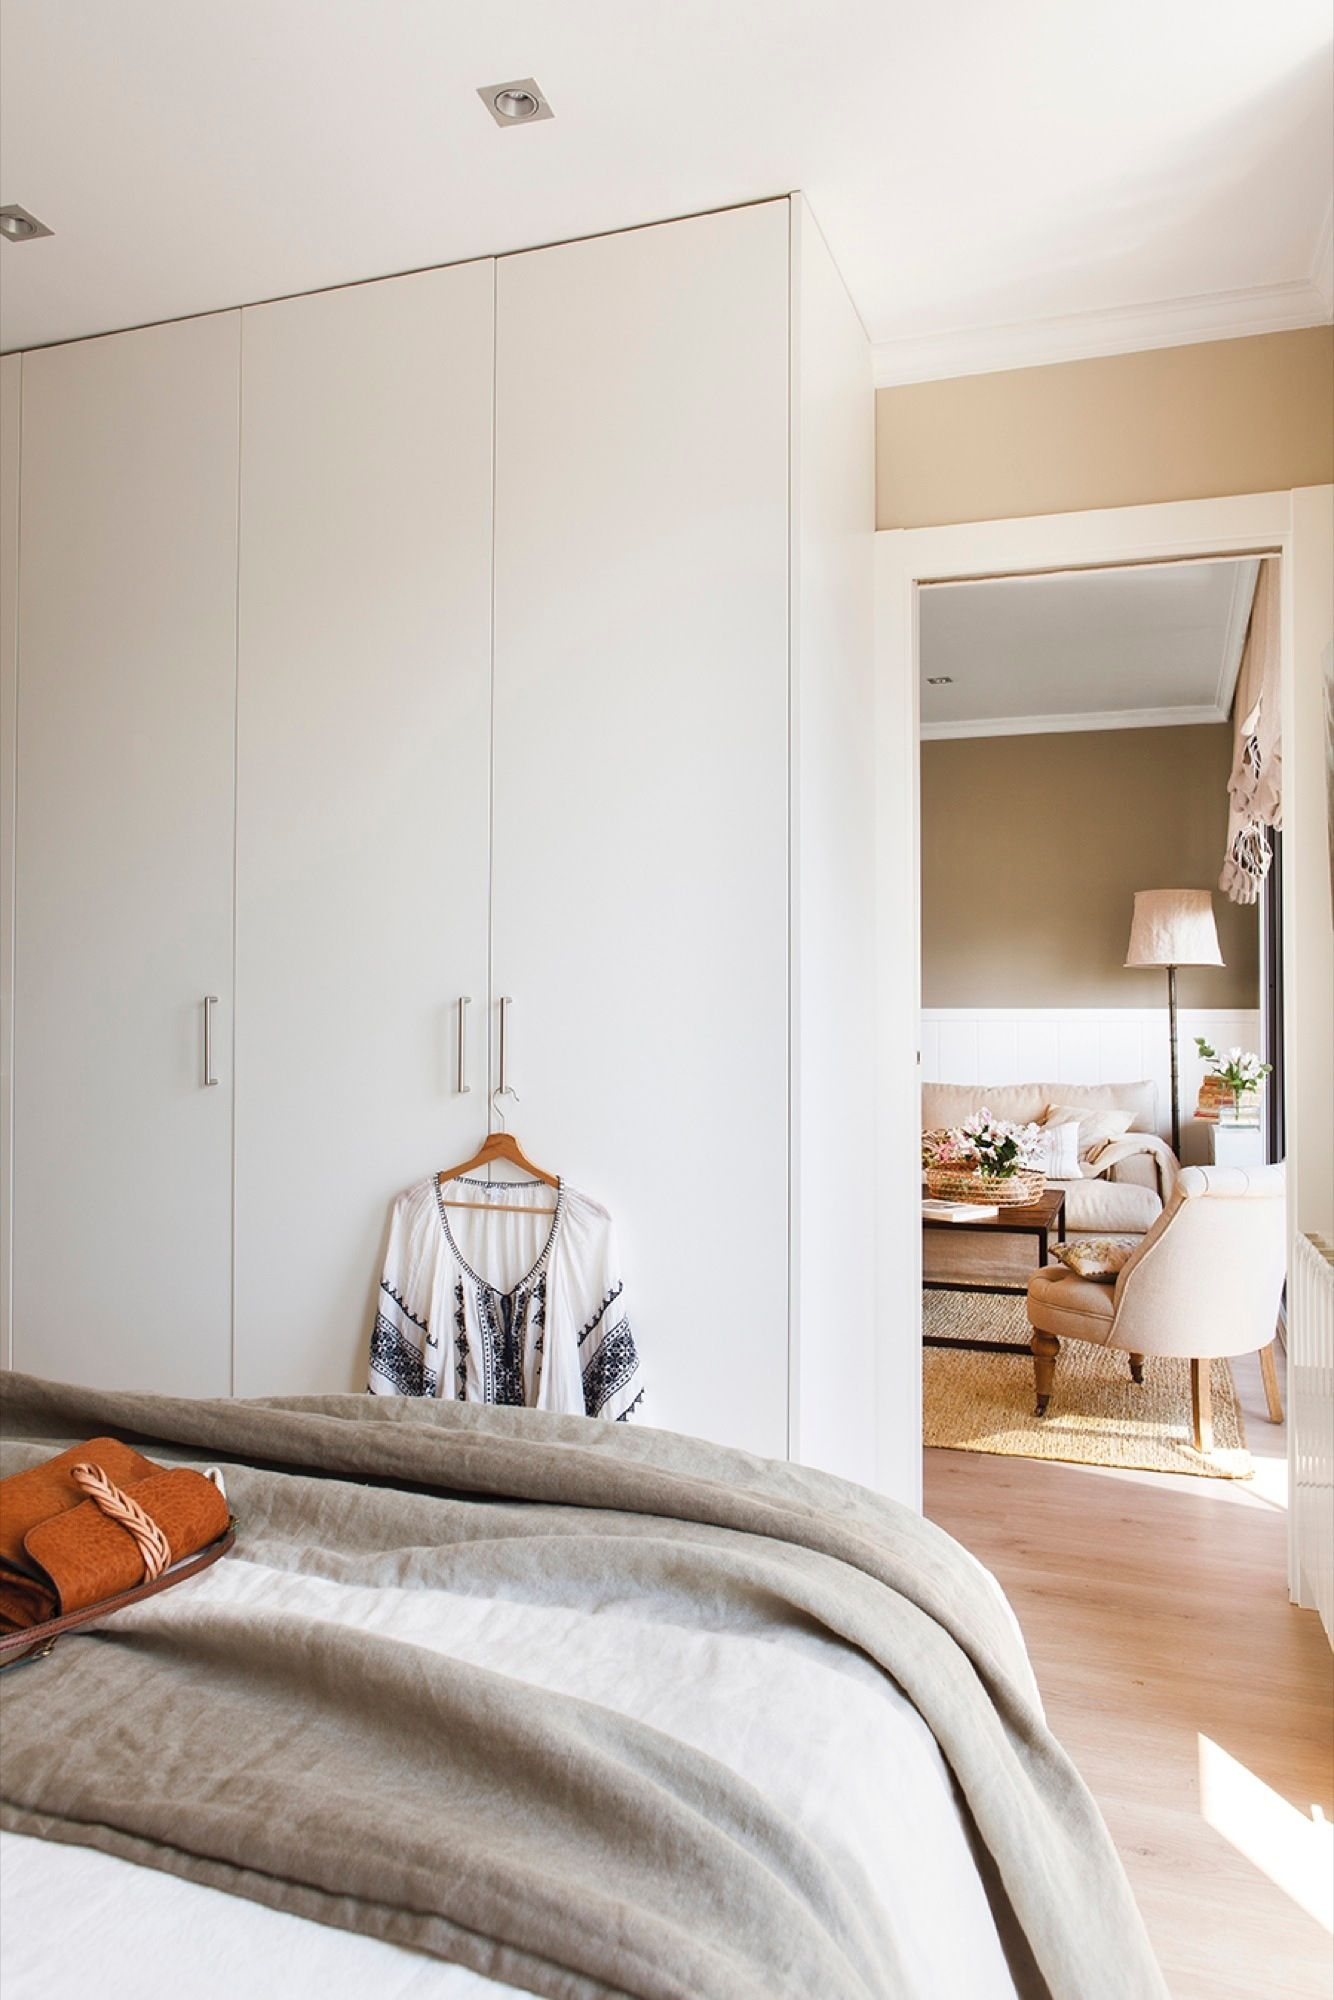 Dormitorio y salón unidos por un pequeño marco blanco | Reutilizar ...